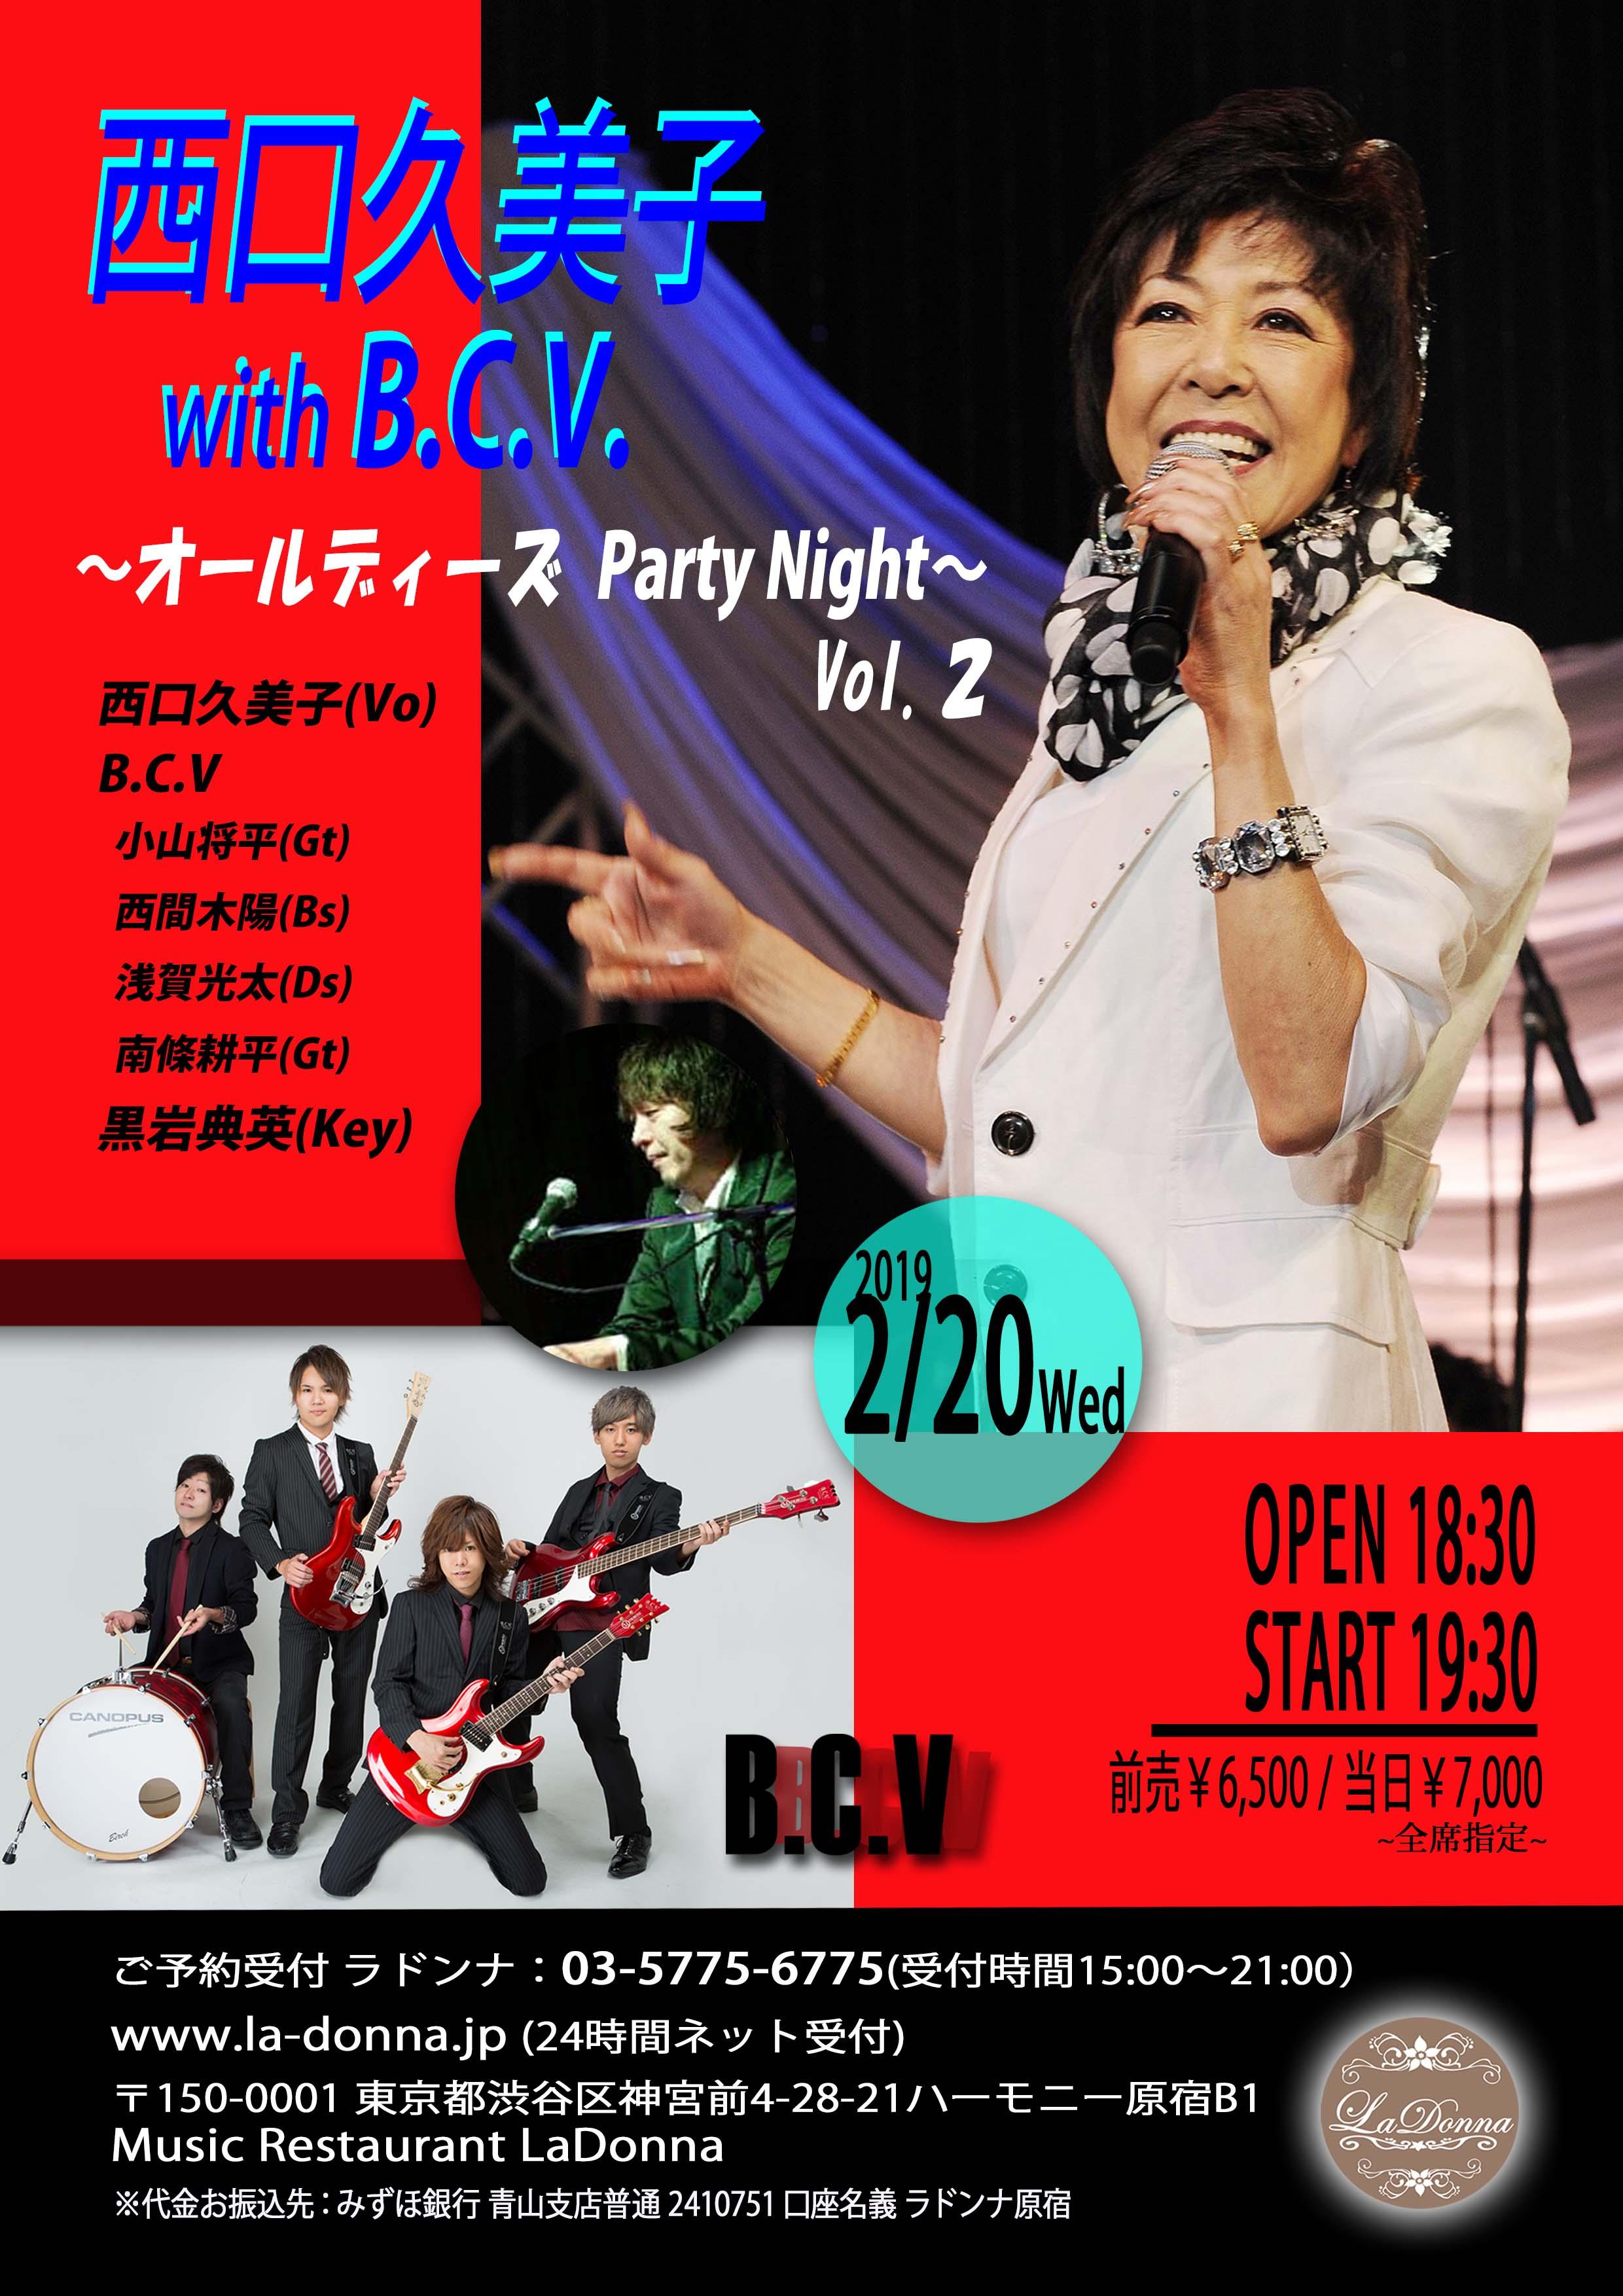 西口久美子 with B.C.V. ~ オールディーズ Party Night ~ Vol.2